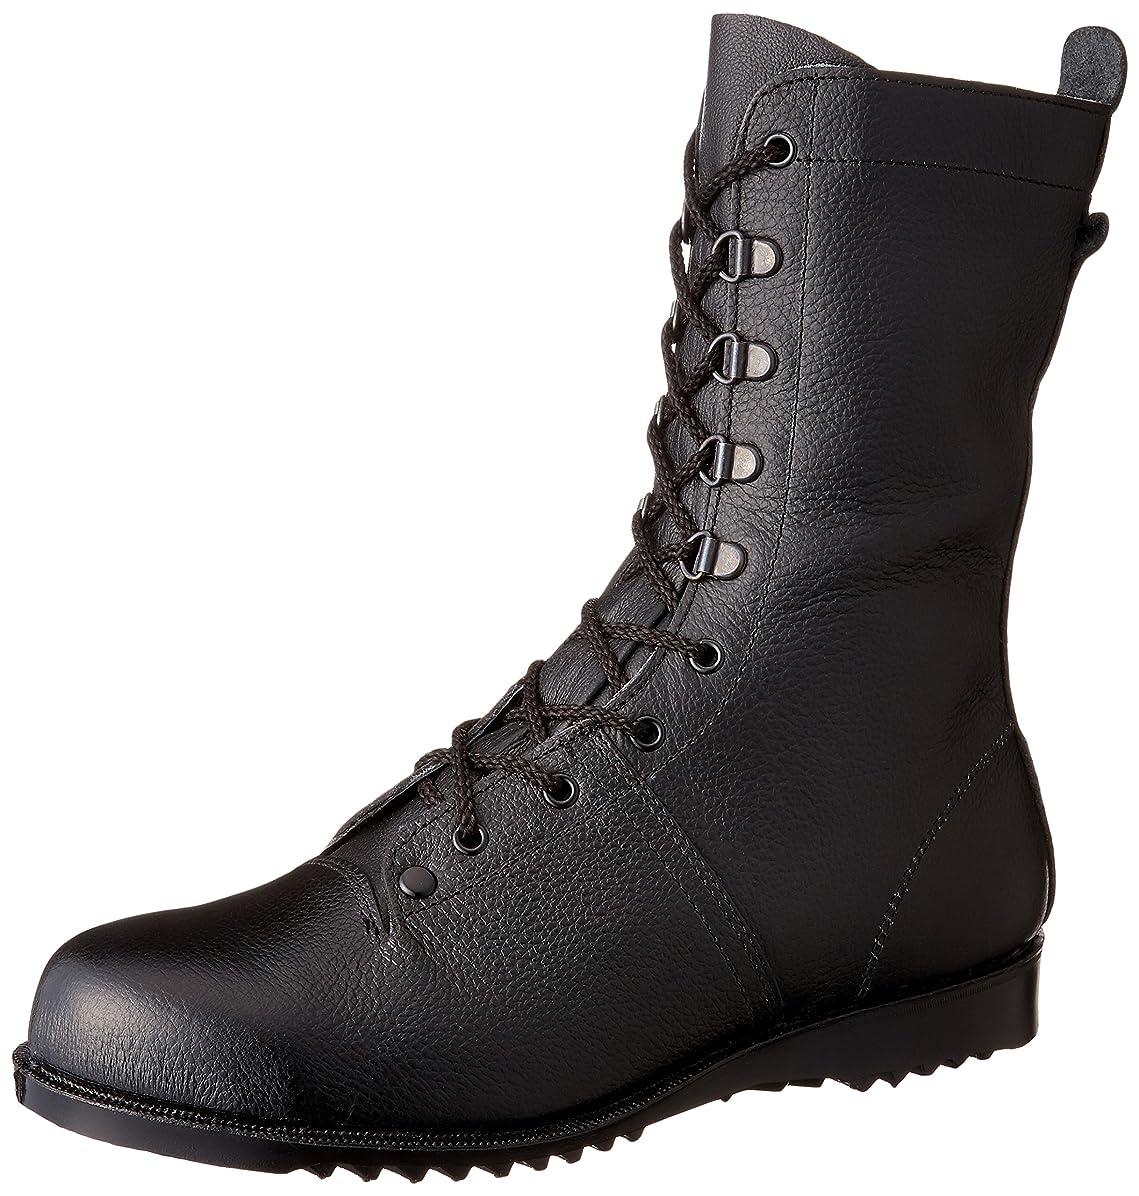 抜け目がない失敗プロポーショナル安全靴 JIS規格 高所作業向け 長編上靴 VS5311N メンズ